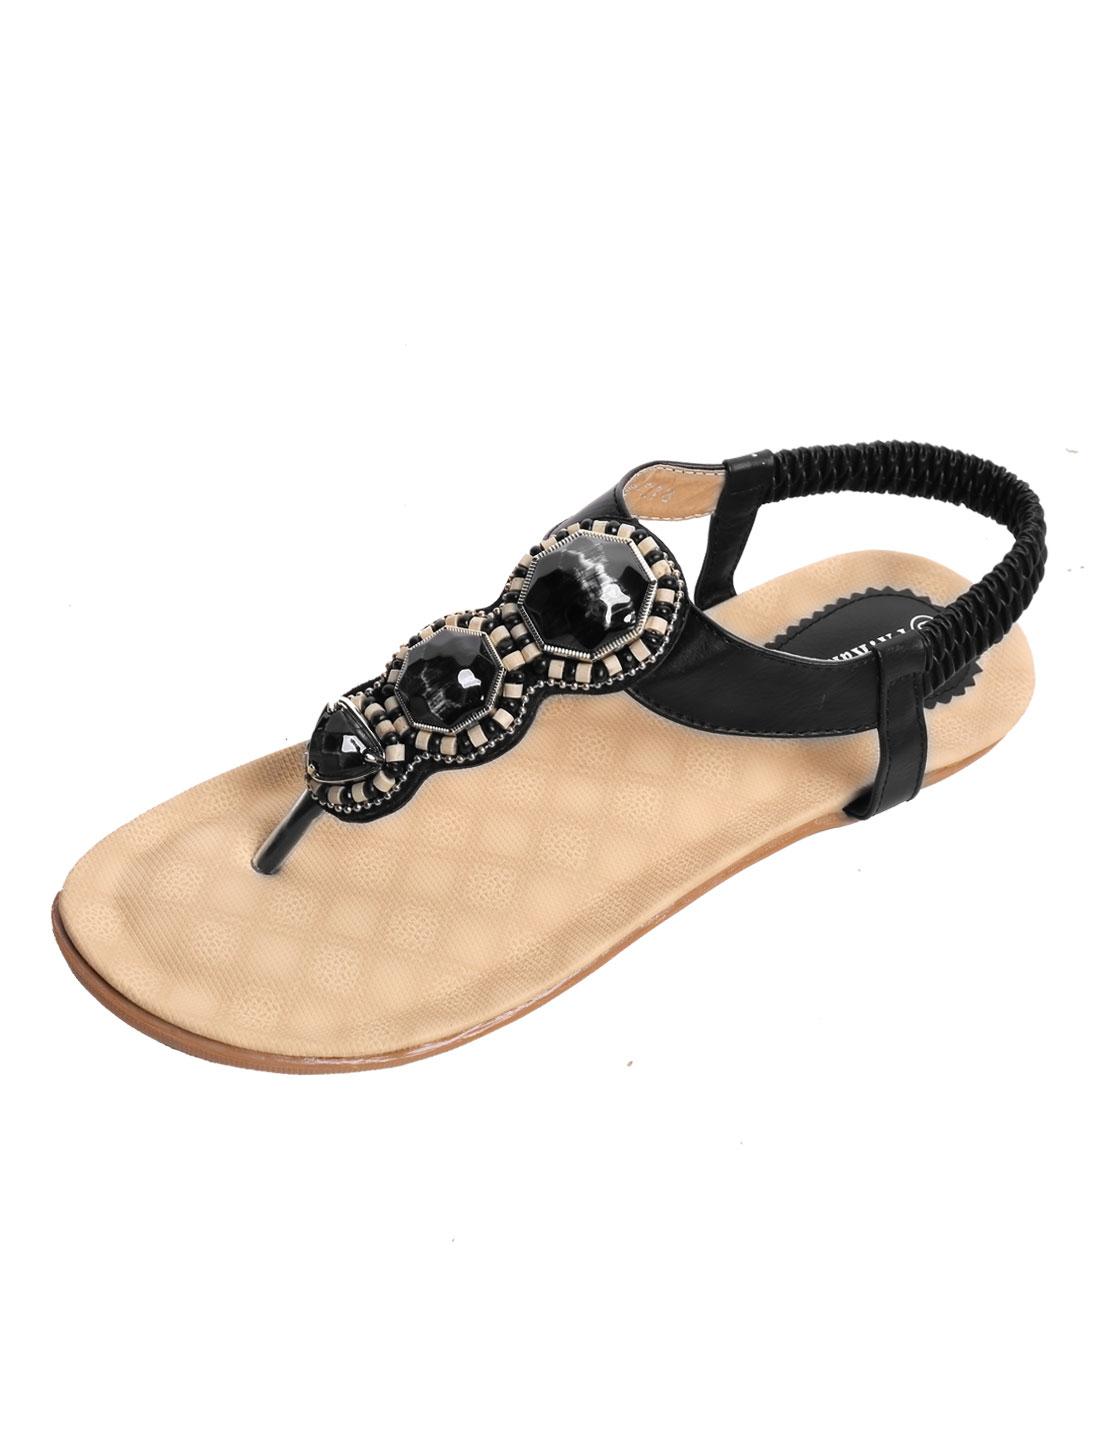 Lady Rhinestones Embellished Flat Sole Sandals Black US 8